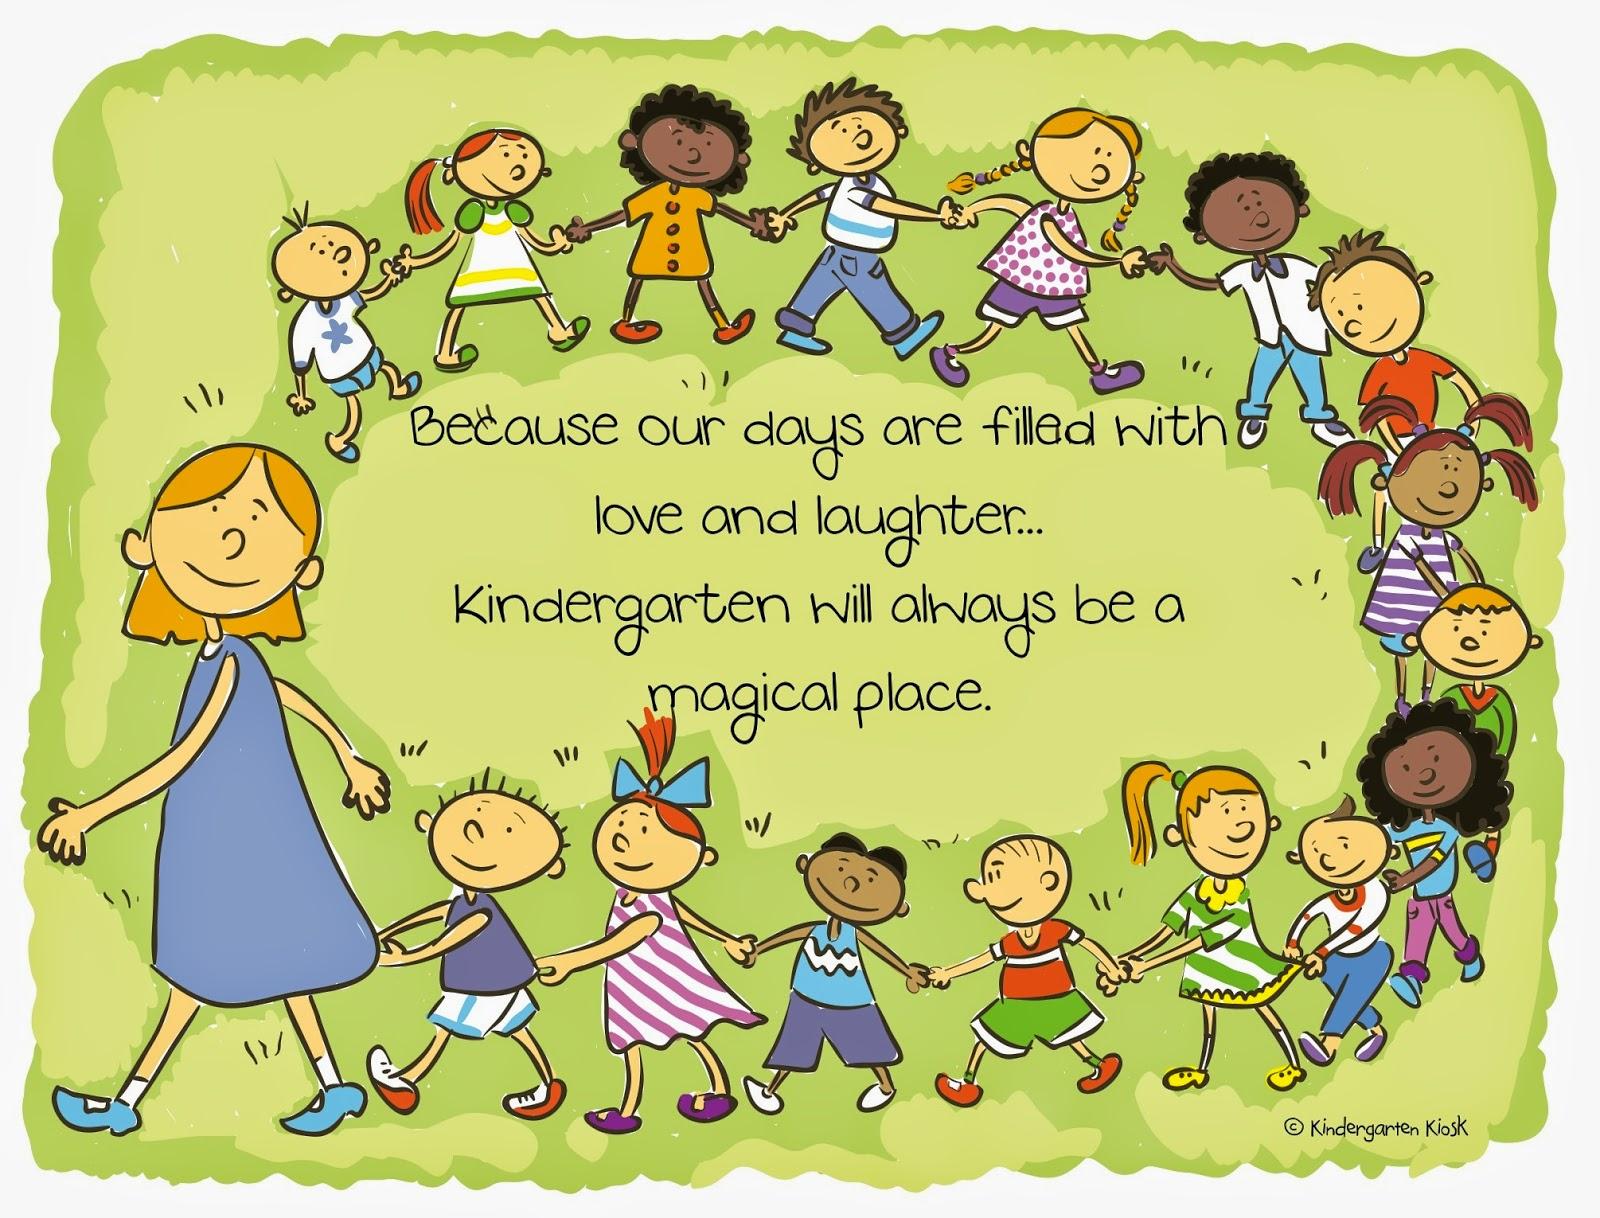 Kindergarten Kiosk The Joys Of Kindergarten